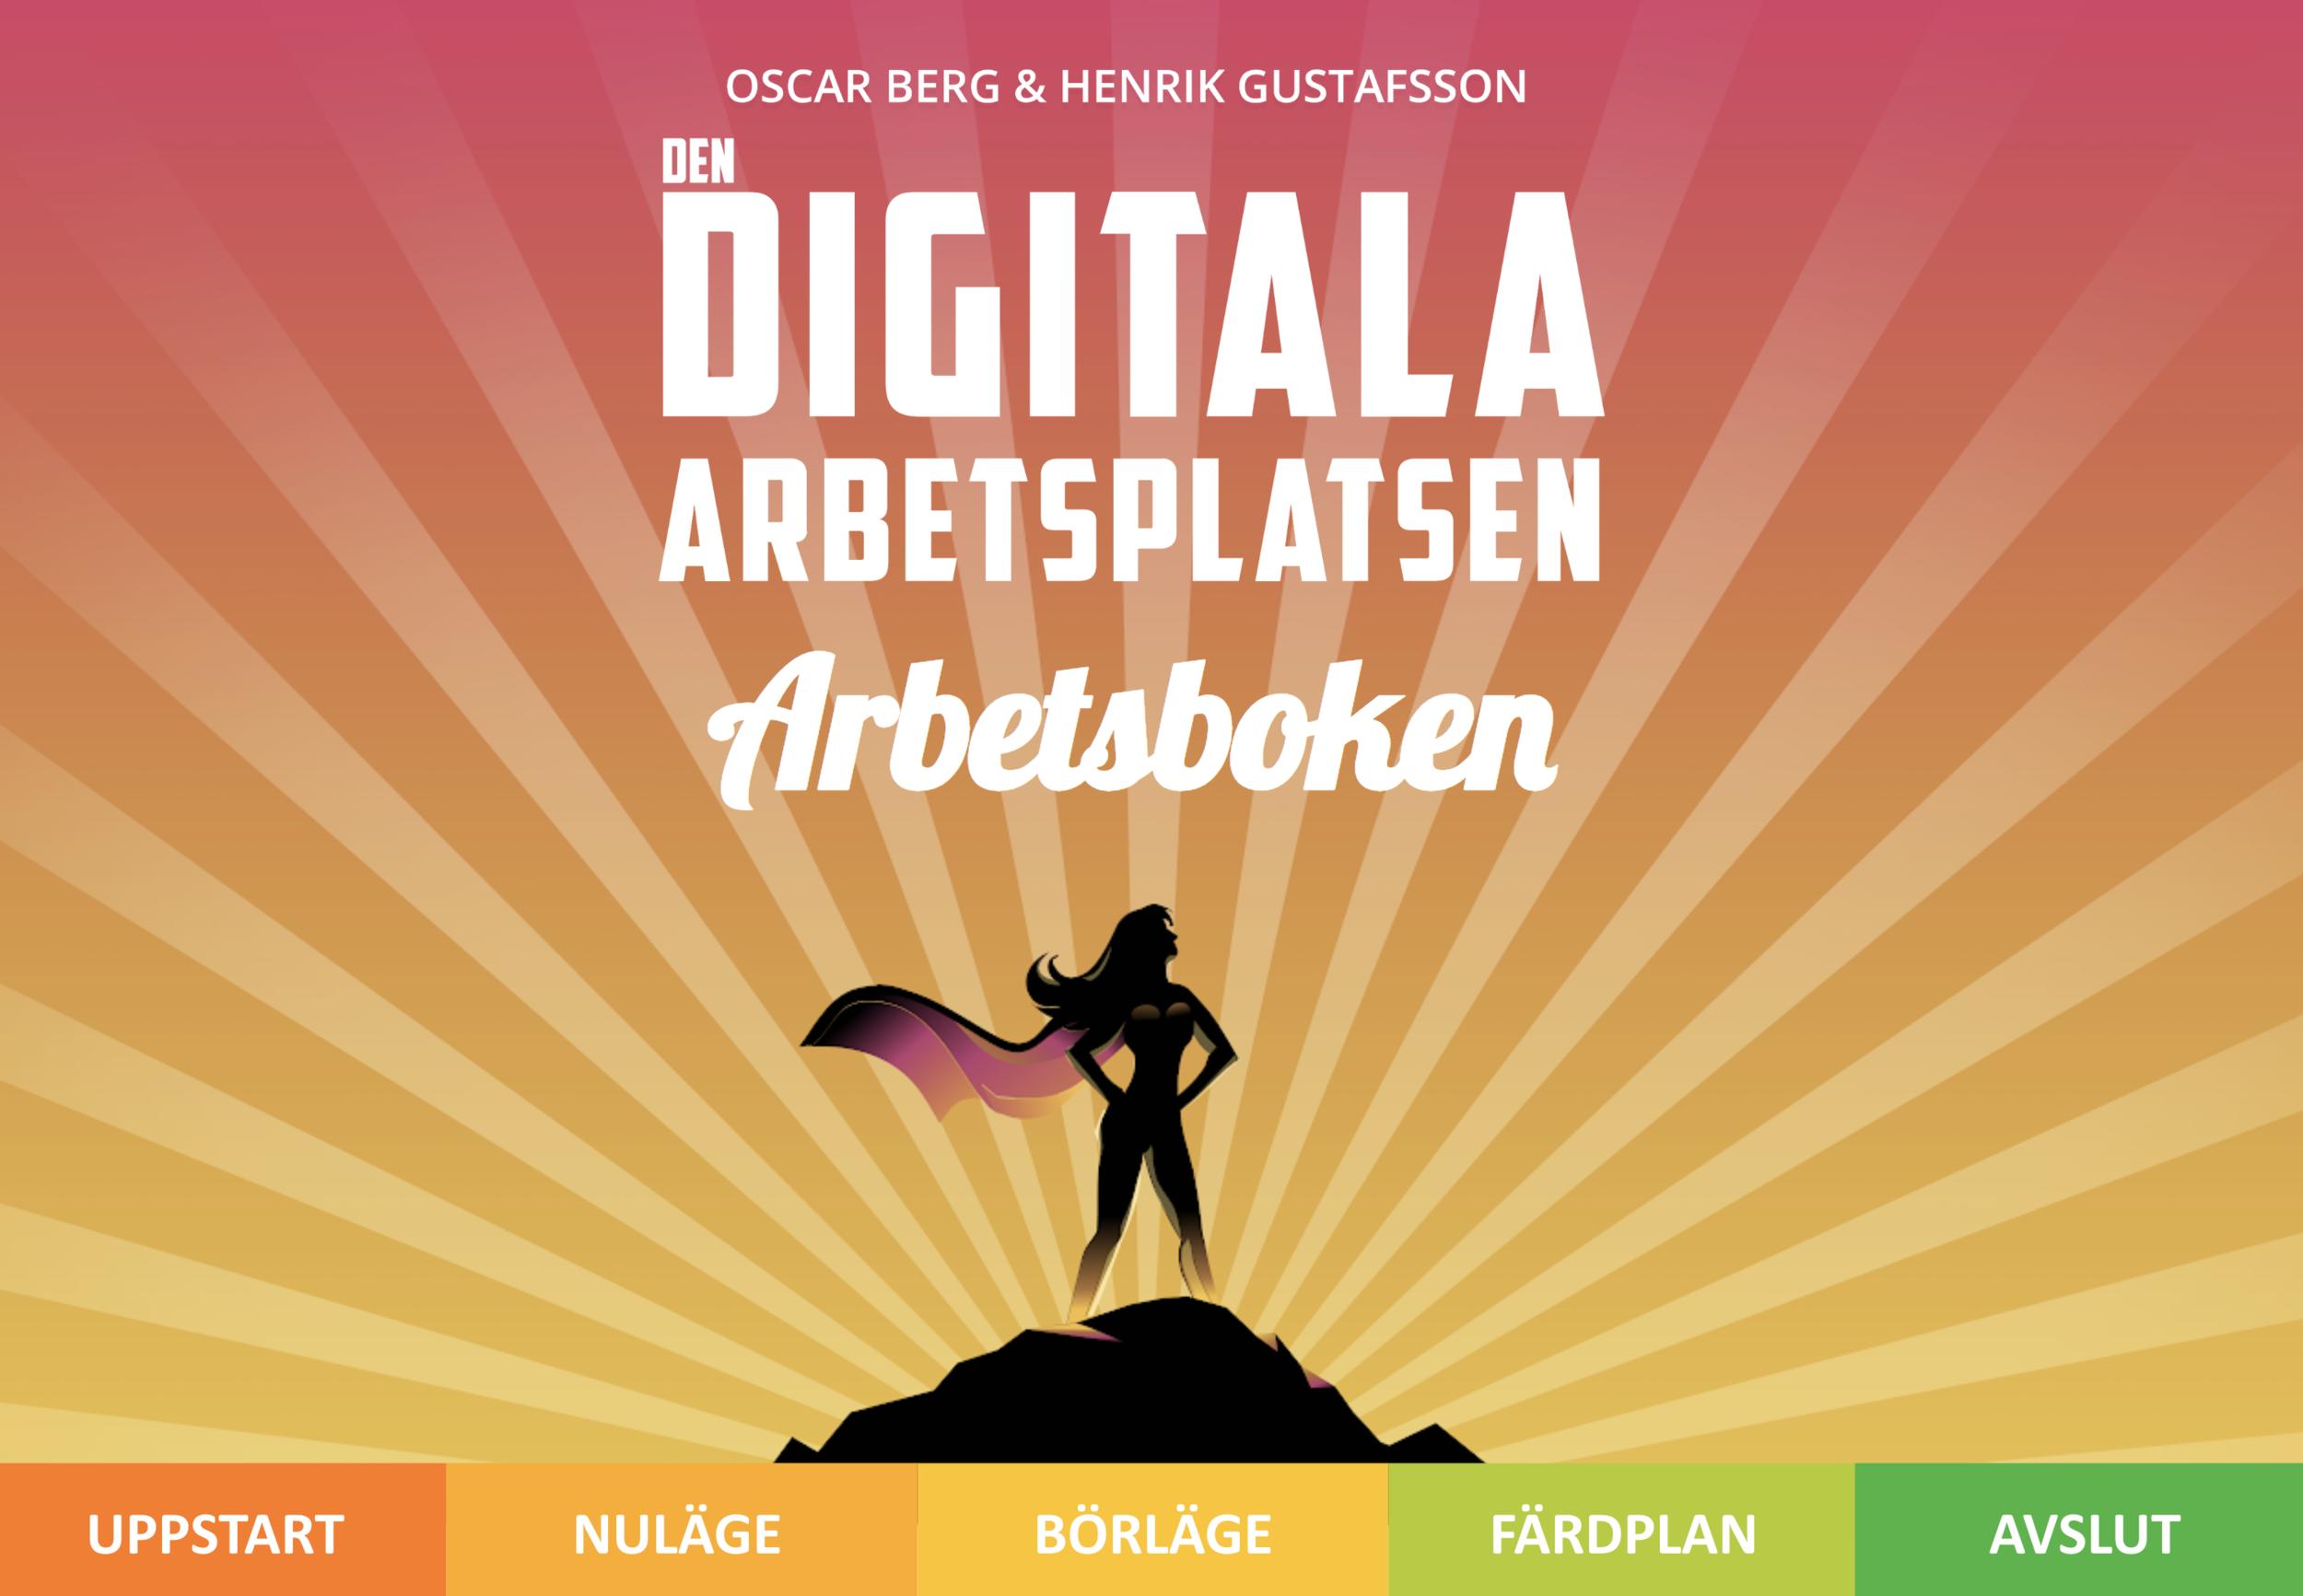 Arbetsboken-förstasida.png